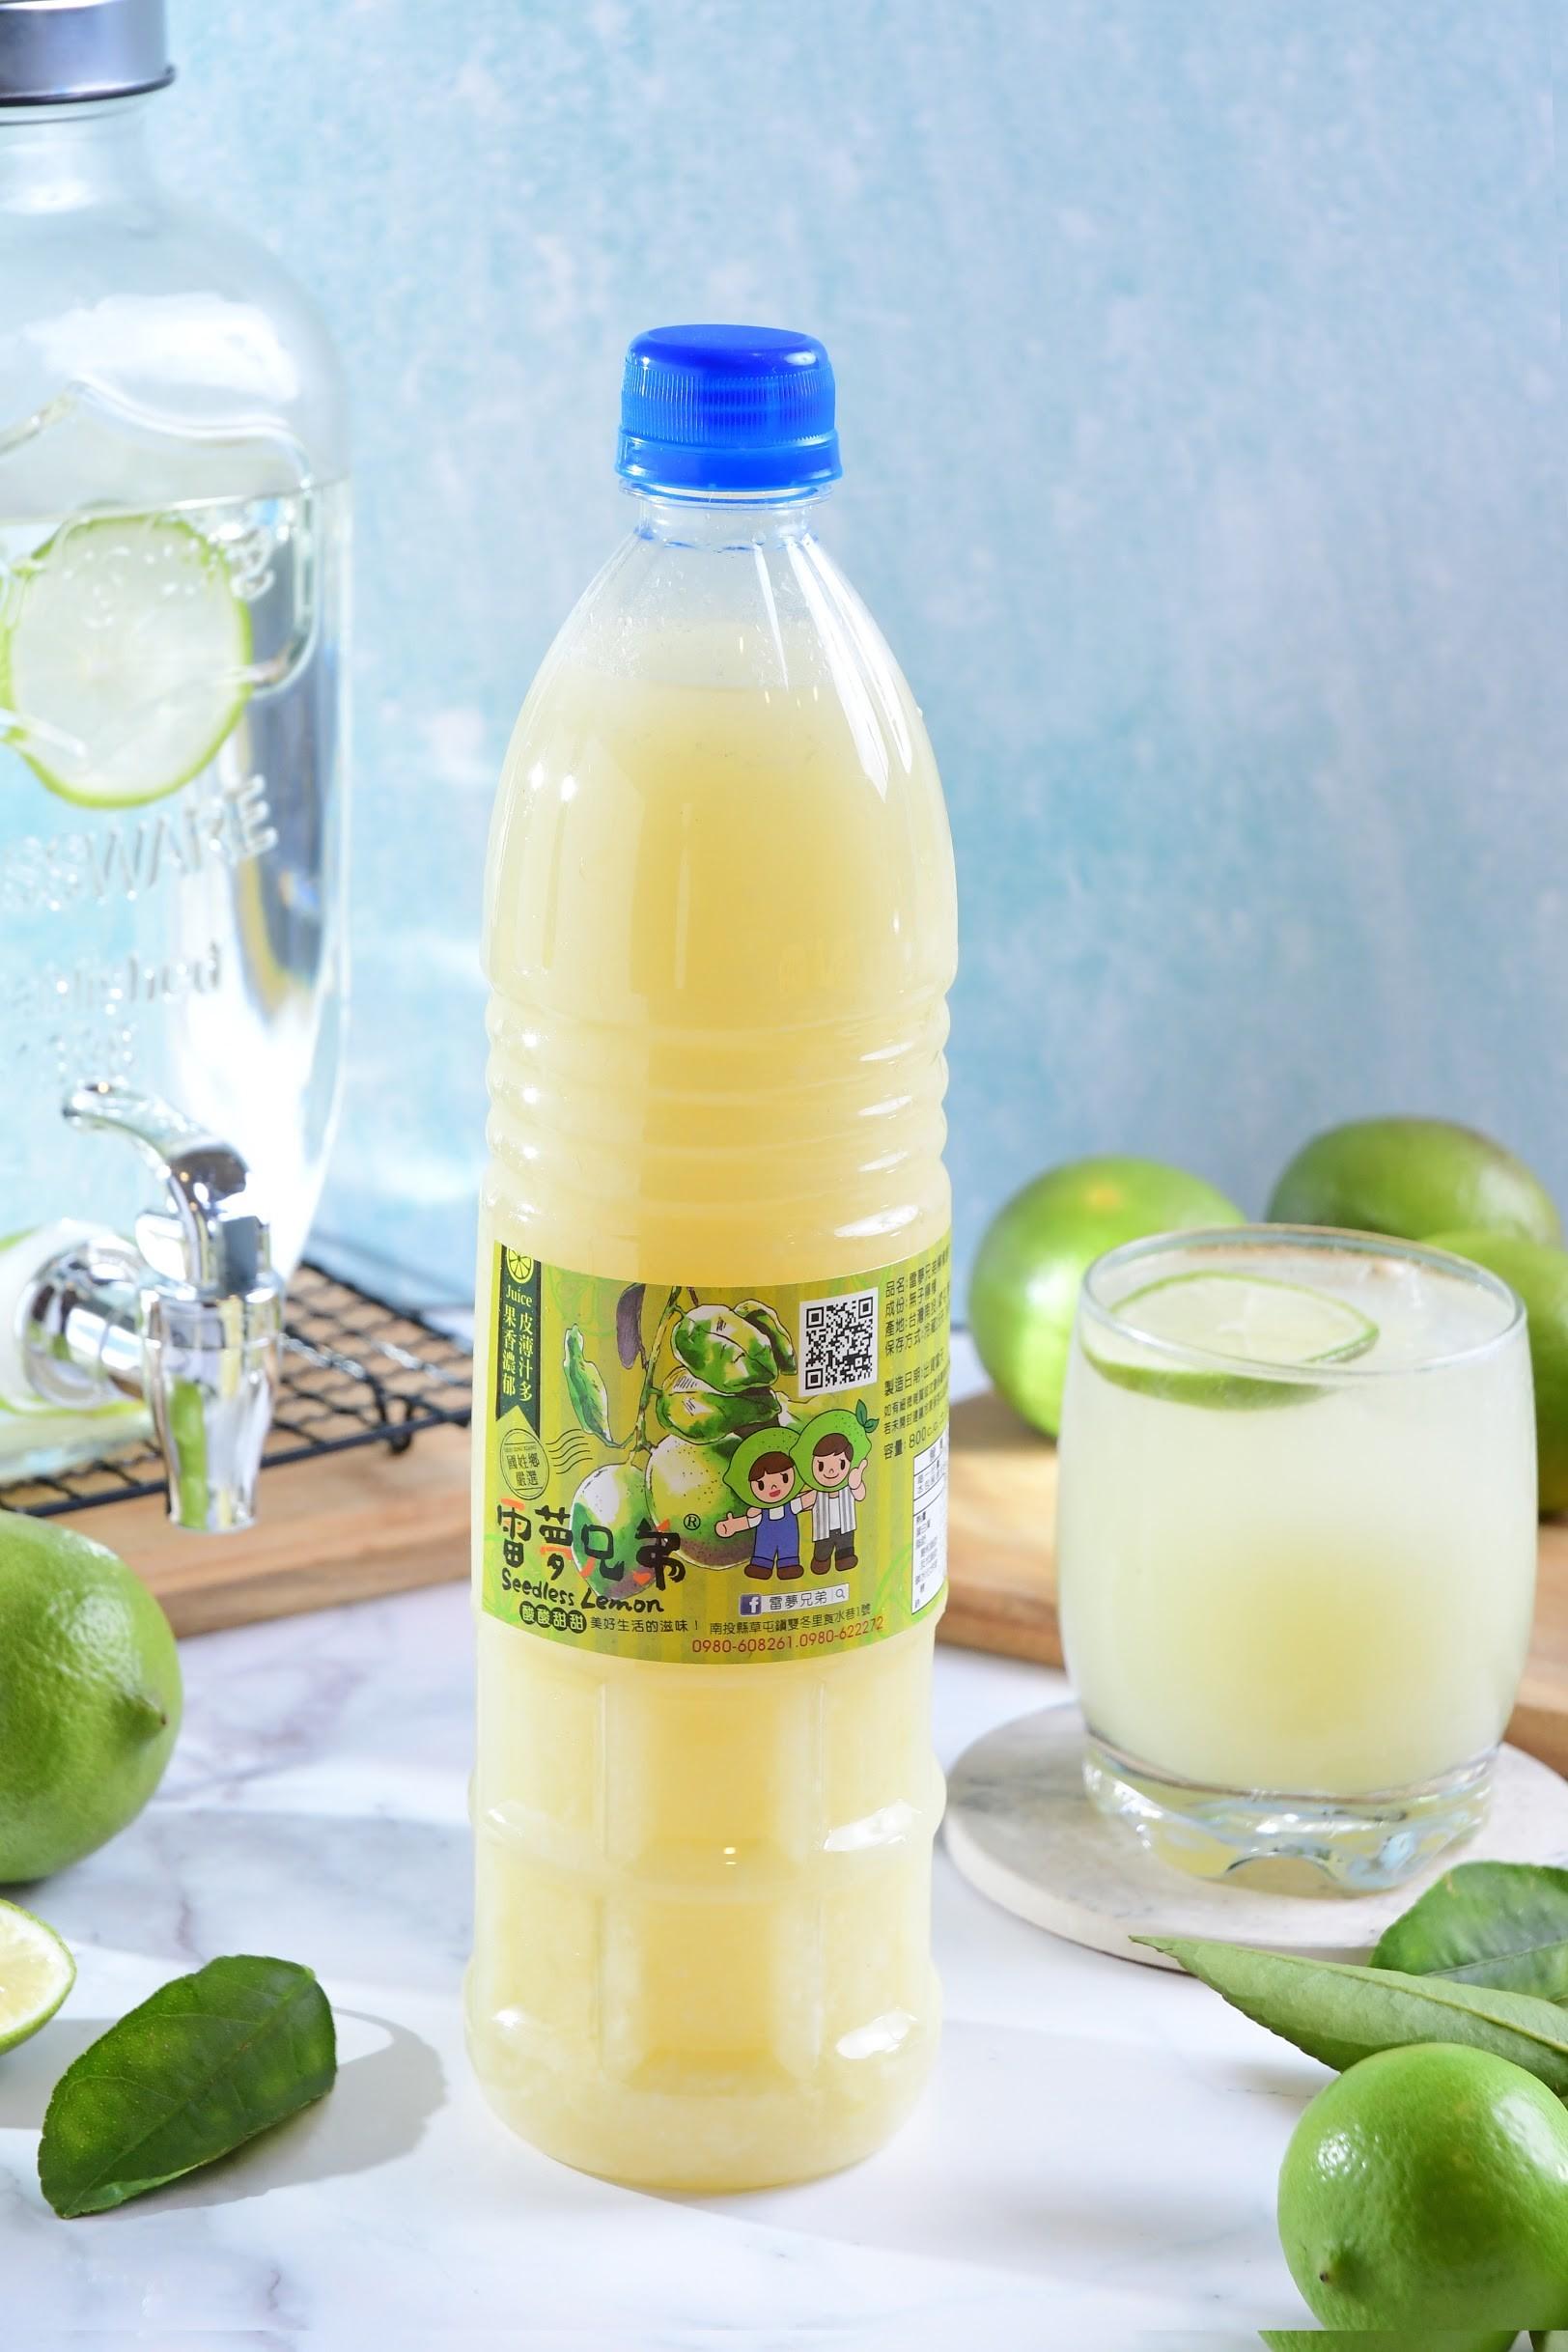 感恩回饋結帳輸入折扣碼「IU205AQRTSRP」,在打【75】折-【免運費】特價無毒檸檬原汁 | 鮮檸檬汁 | 檸檬汁 | 檸檬水 | TLS全新生活800cc(10瓶)【塑膠瓶裝】